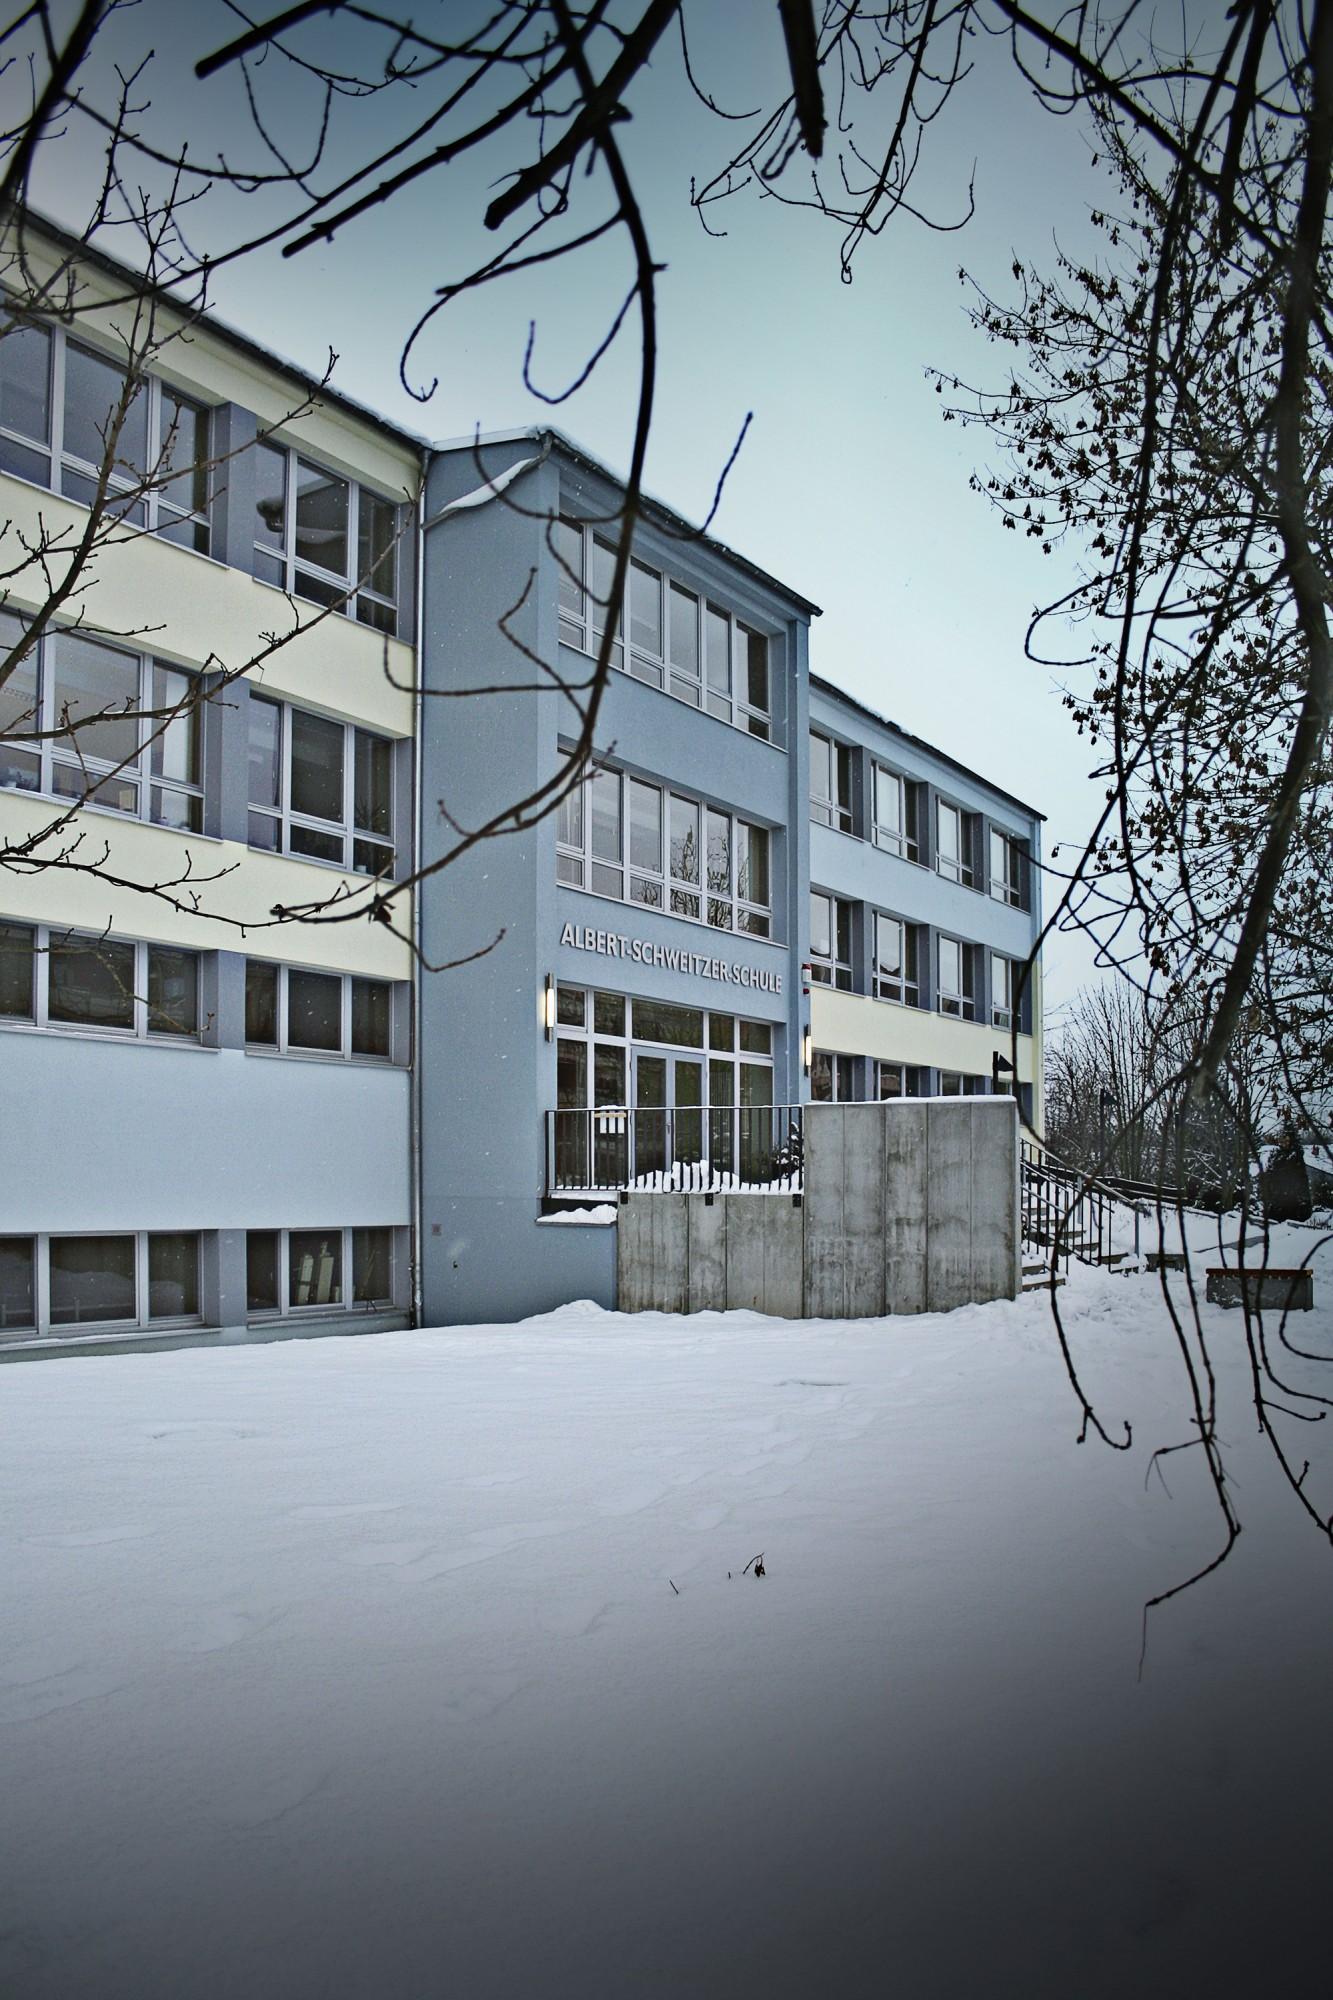 Albert schweitzer schule seidel architekten - Seidel architekten ...